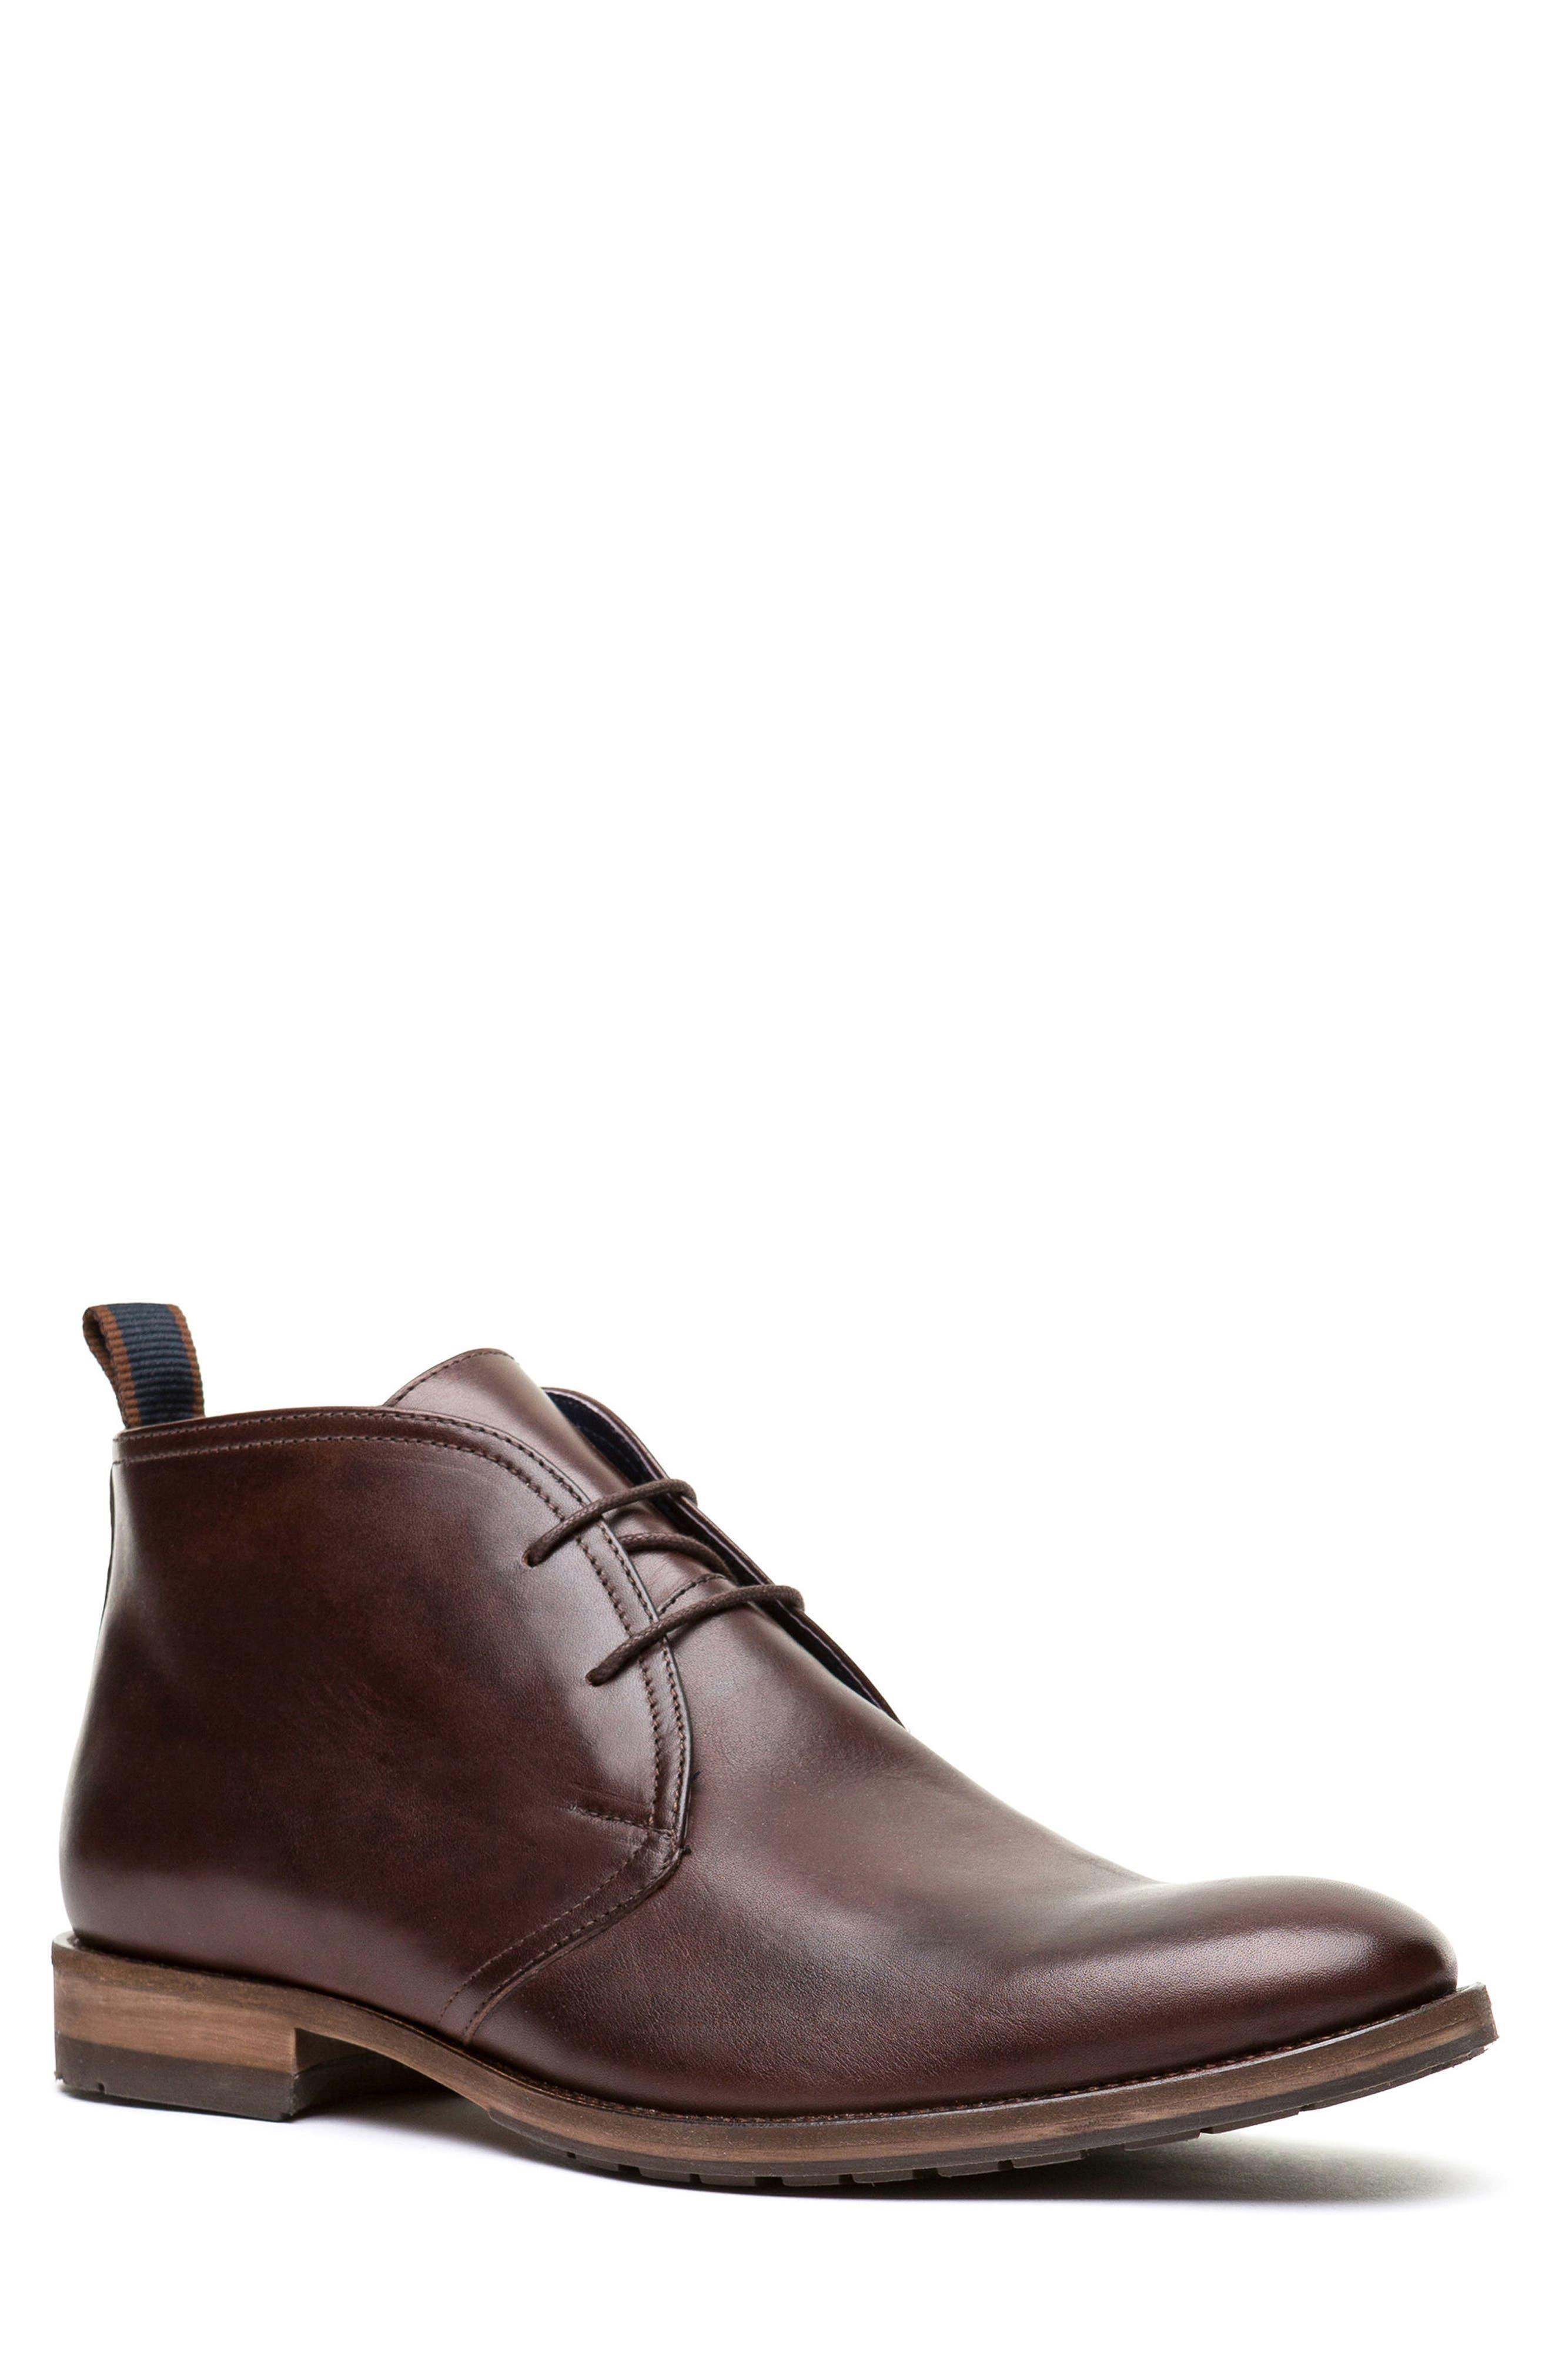 Alternate Image 1 Selected - Rodd & Gunn Pebbly Hill Chukka Boot (Men)